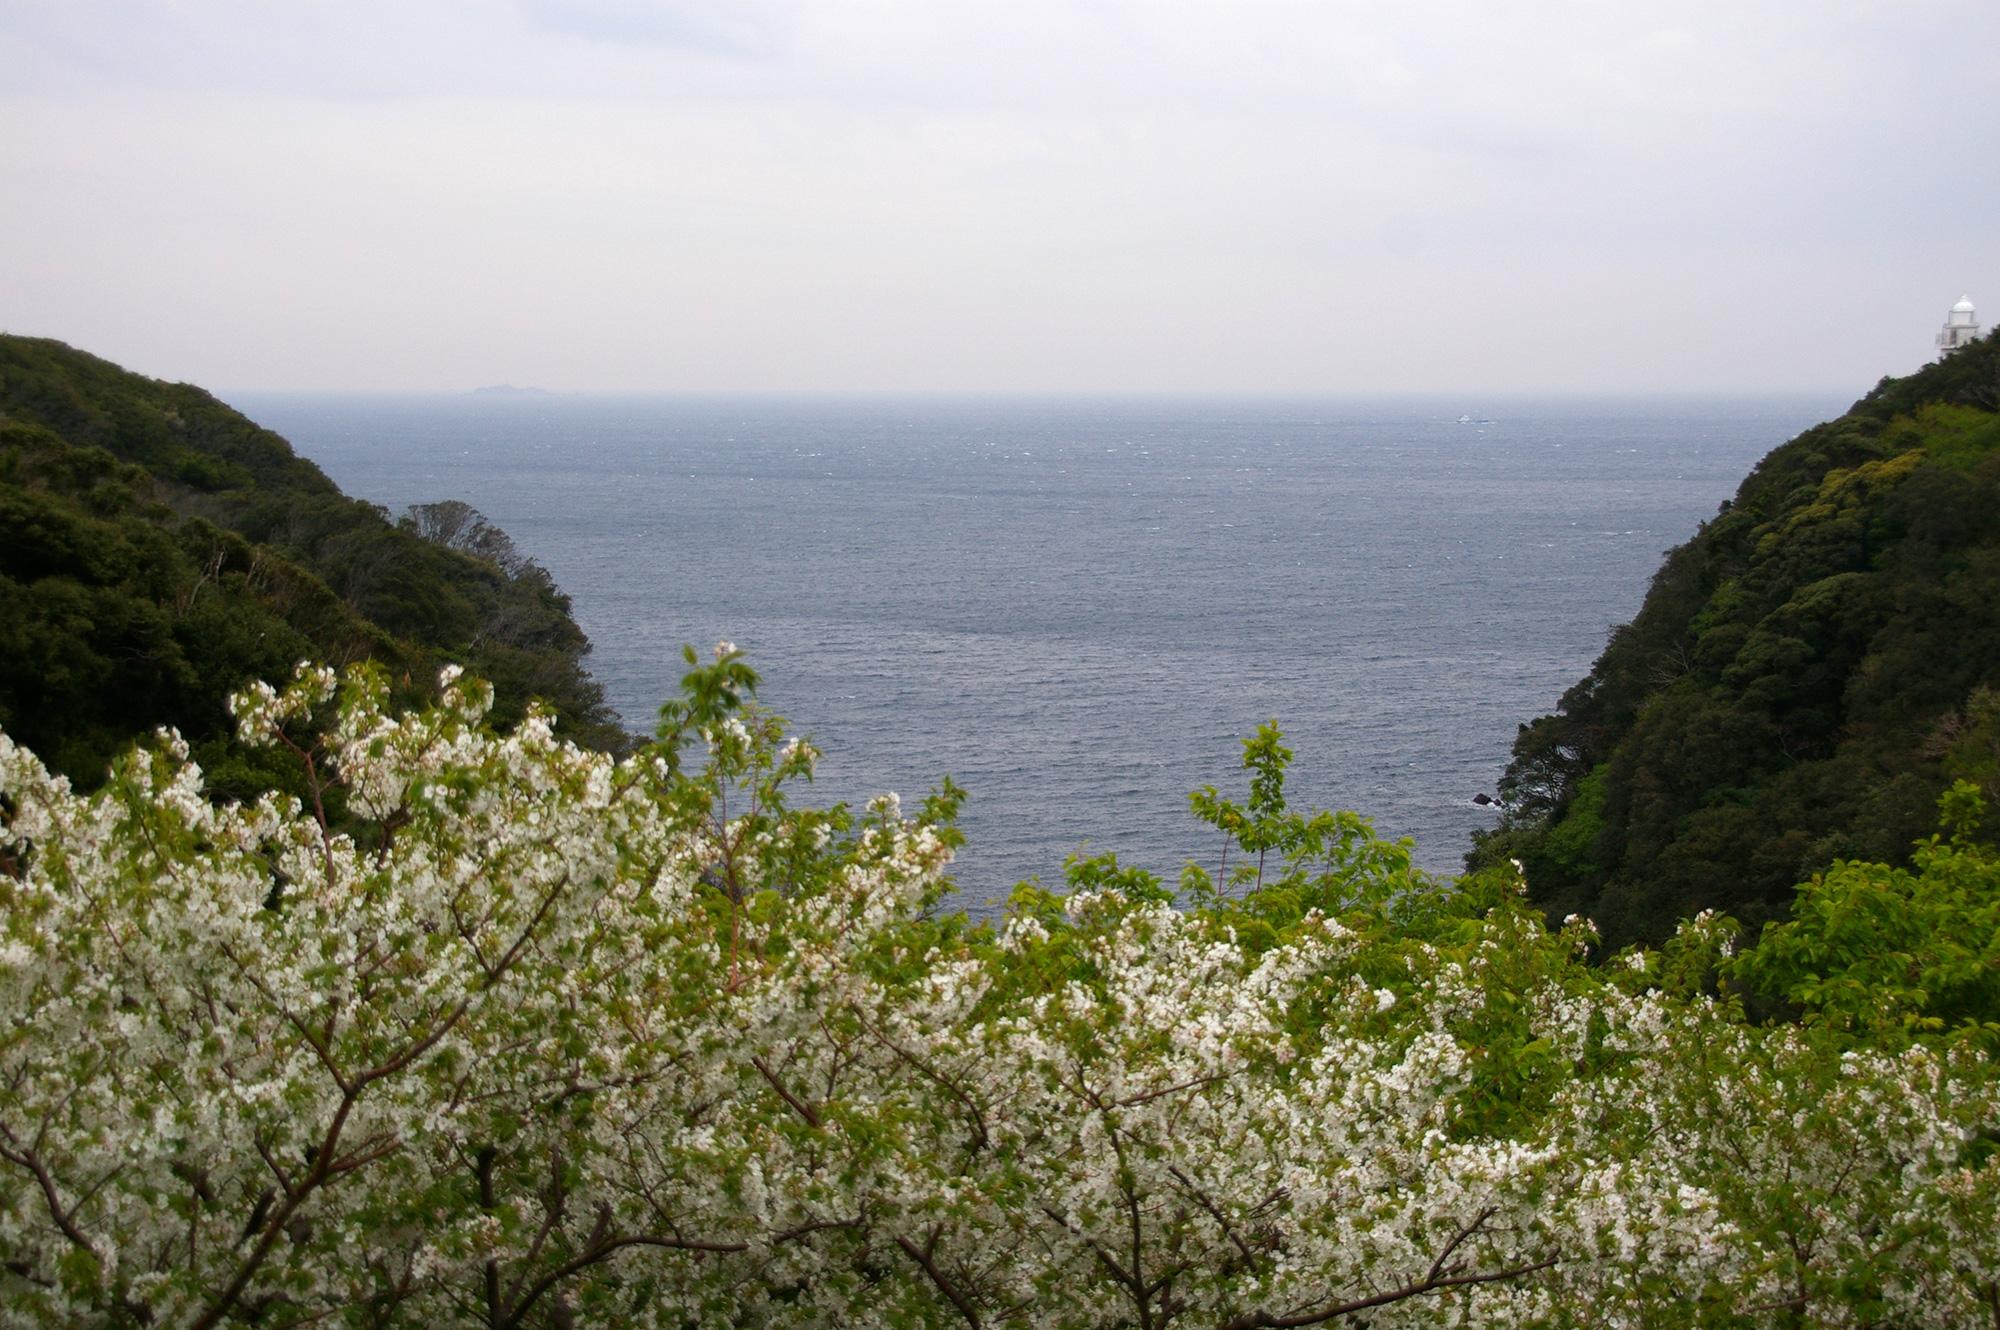 花が散った桜の木と海のフリー写真素材